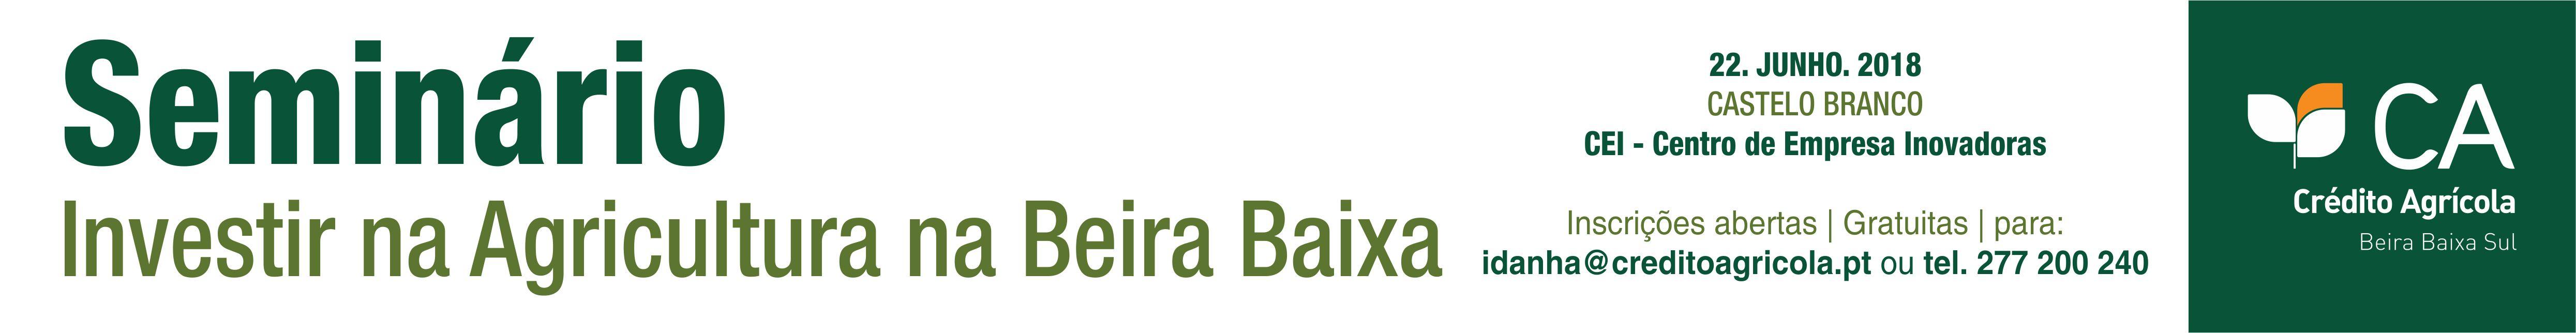 Seminário Caixa Crédito Agrícola